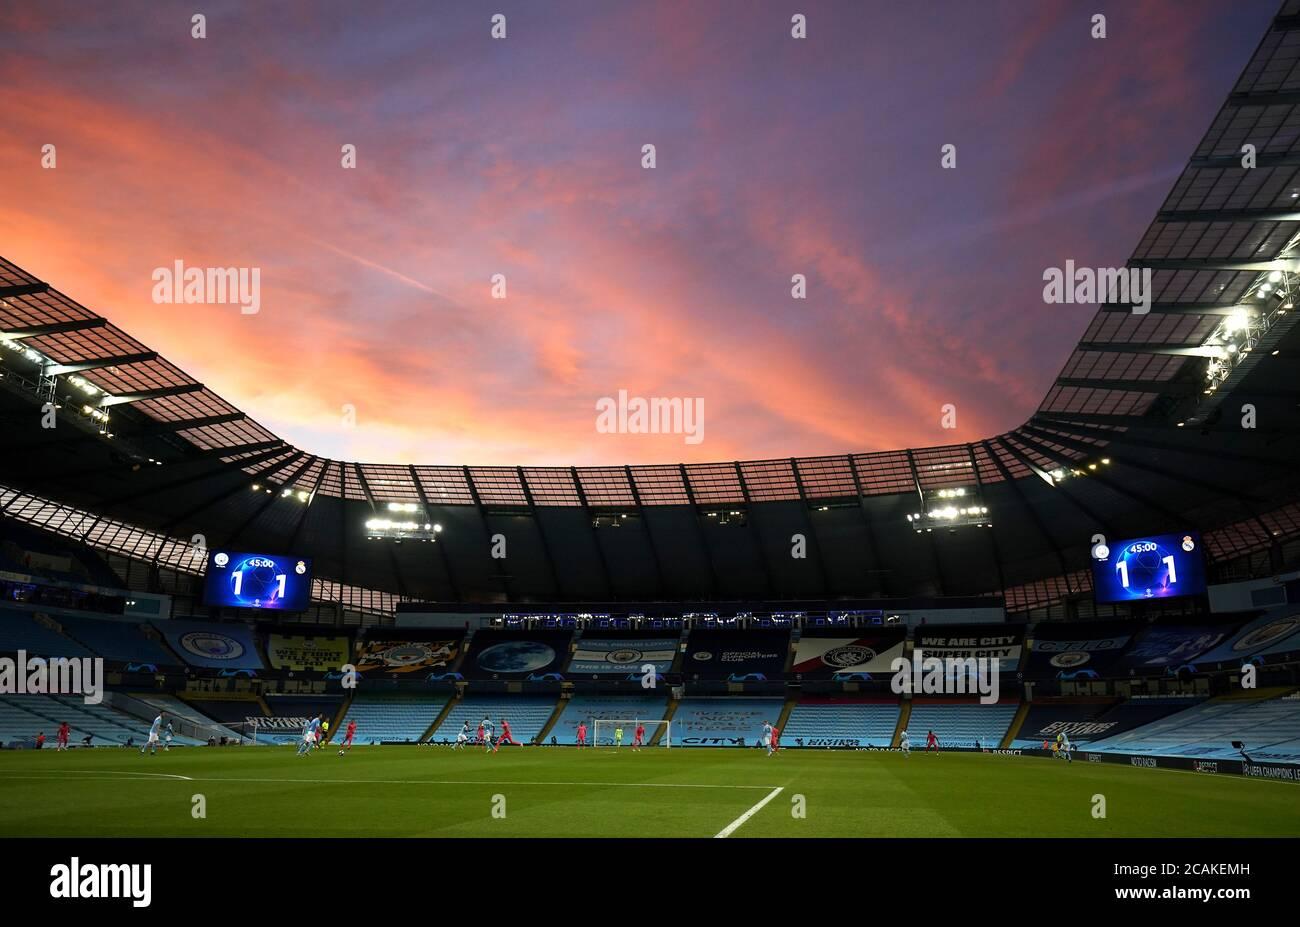 Vista general del estadio durante la Liga de Campeones de la UEFA, ronda de 16, partido de segunda pierna en el Etihad Stadium, Manchester. Foto de stock